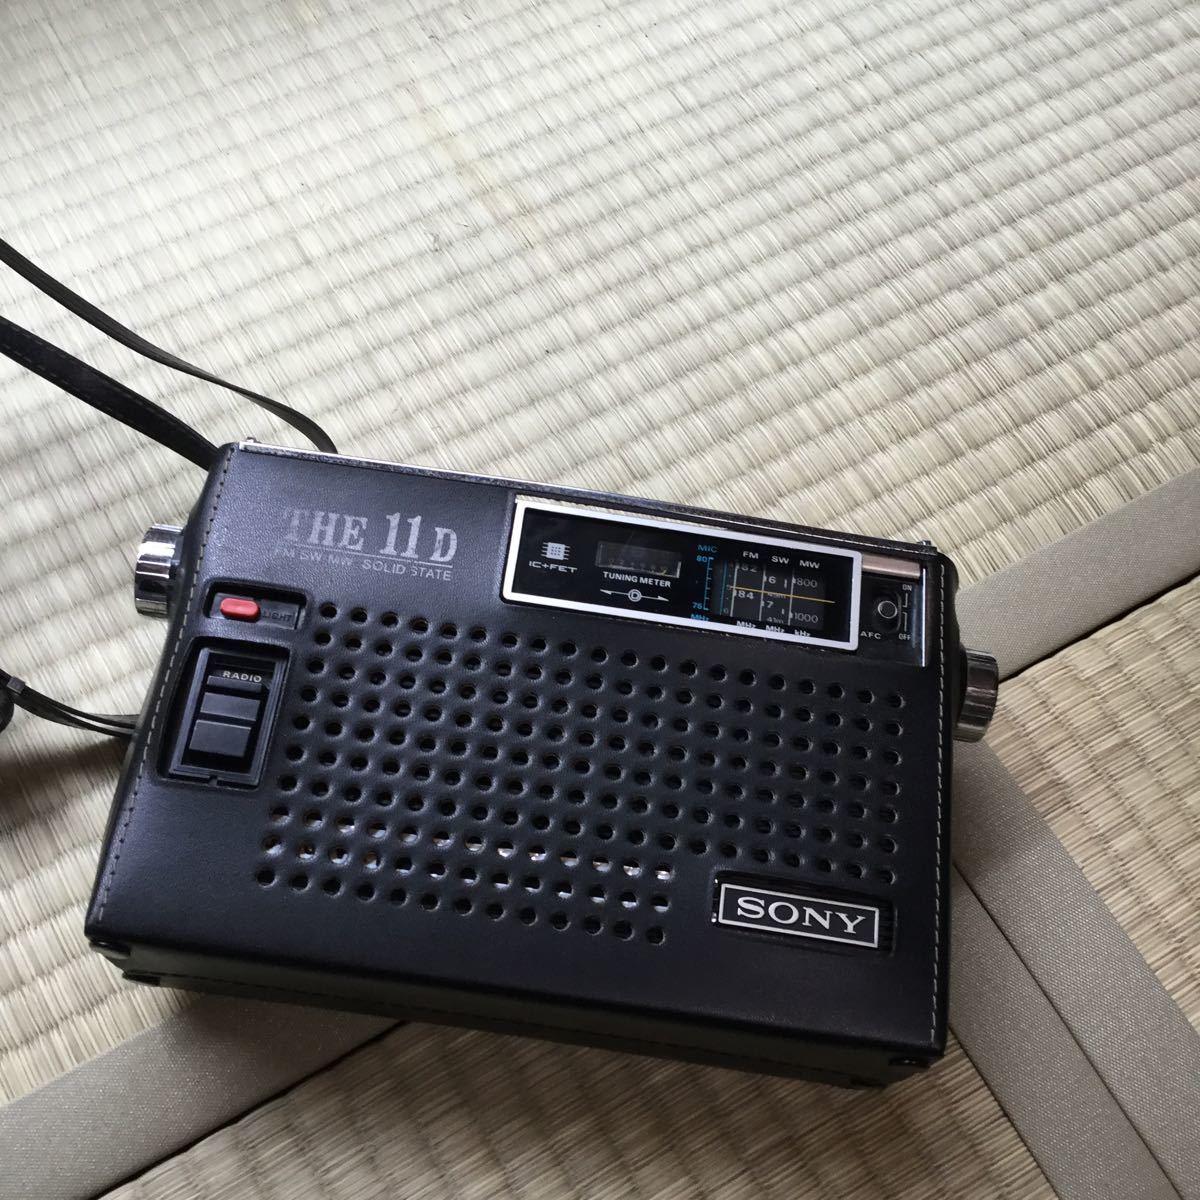 SONY ソニー ICF-1100D THE11D SW/MW/FM 3バンド ラジオ ジャンク_画像7